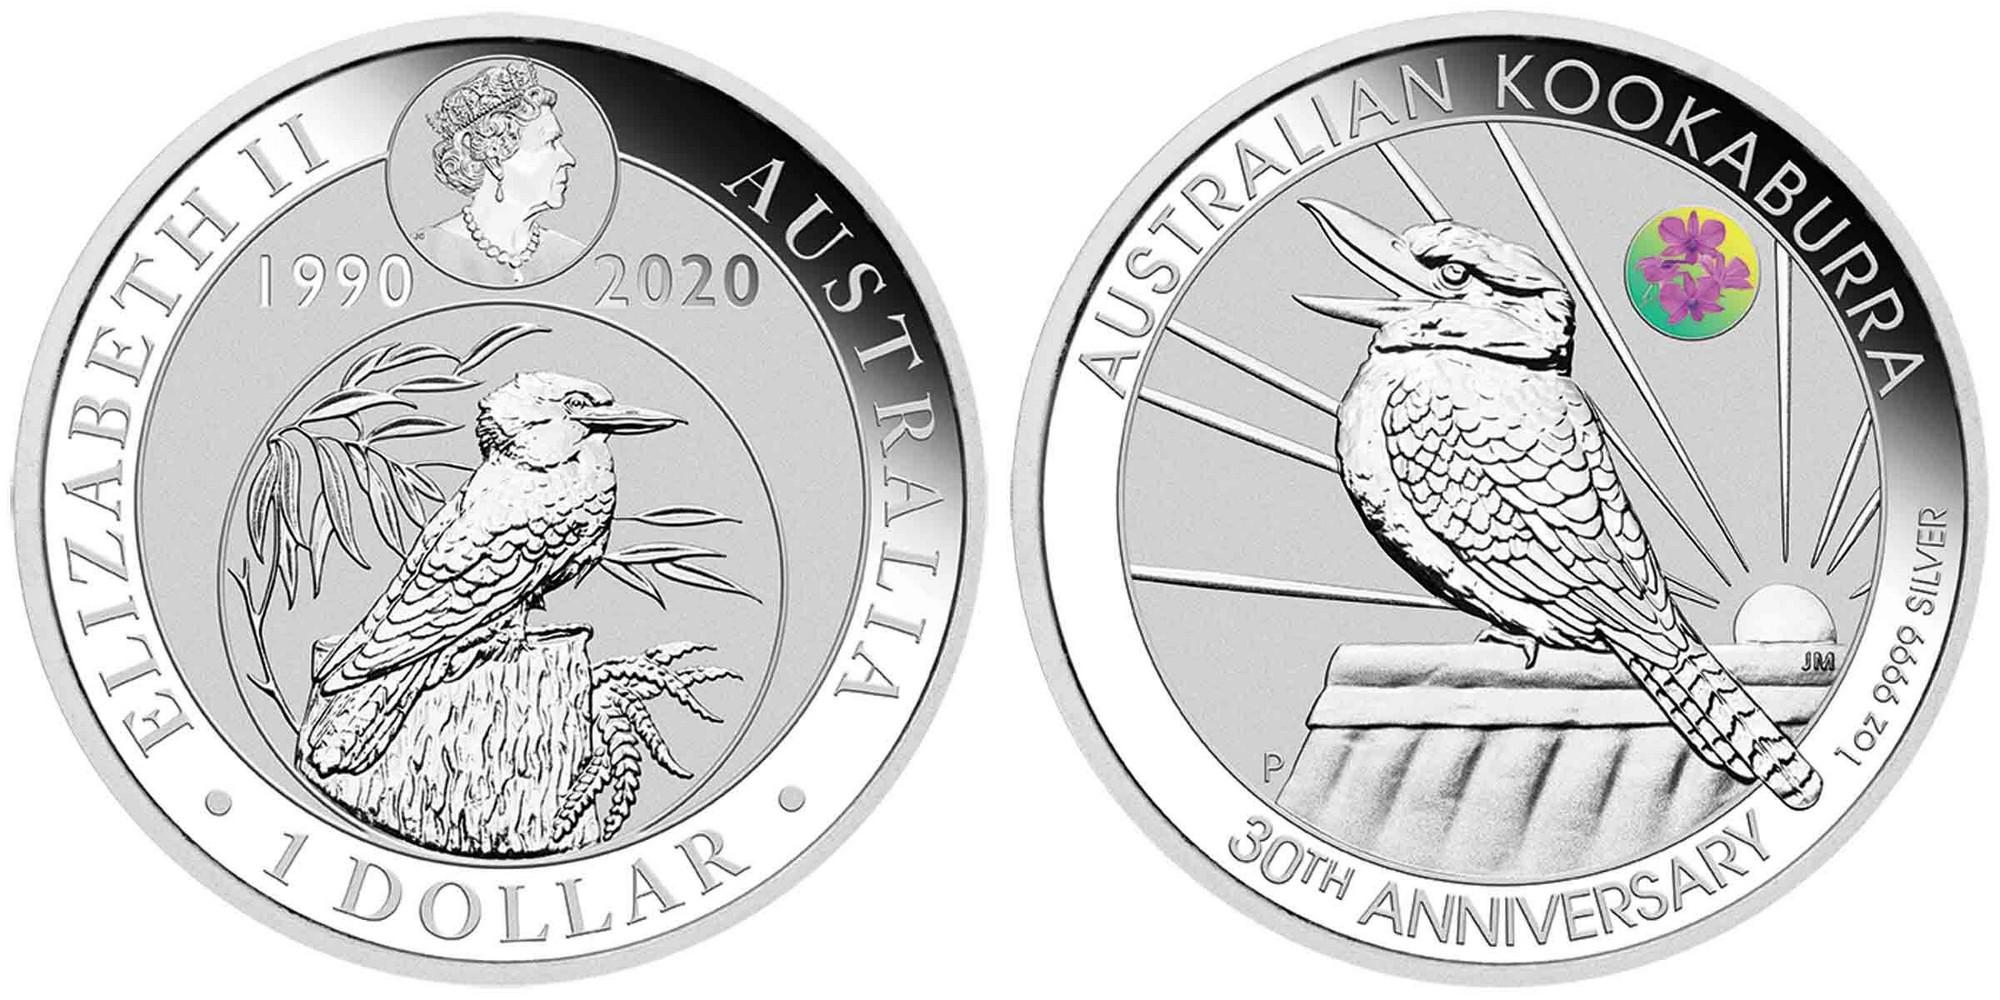 austtralie-2020-kookaburra-salon-numismatique-brisbane